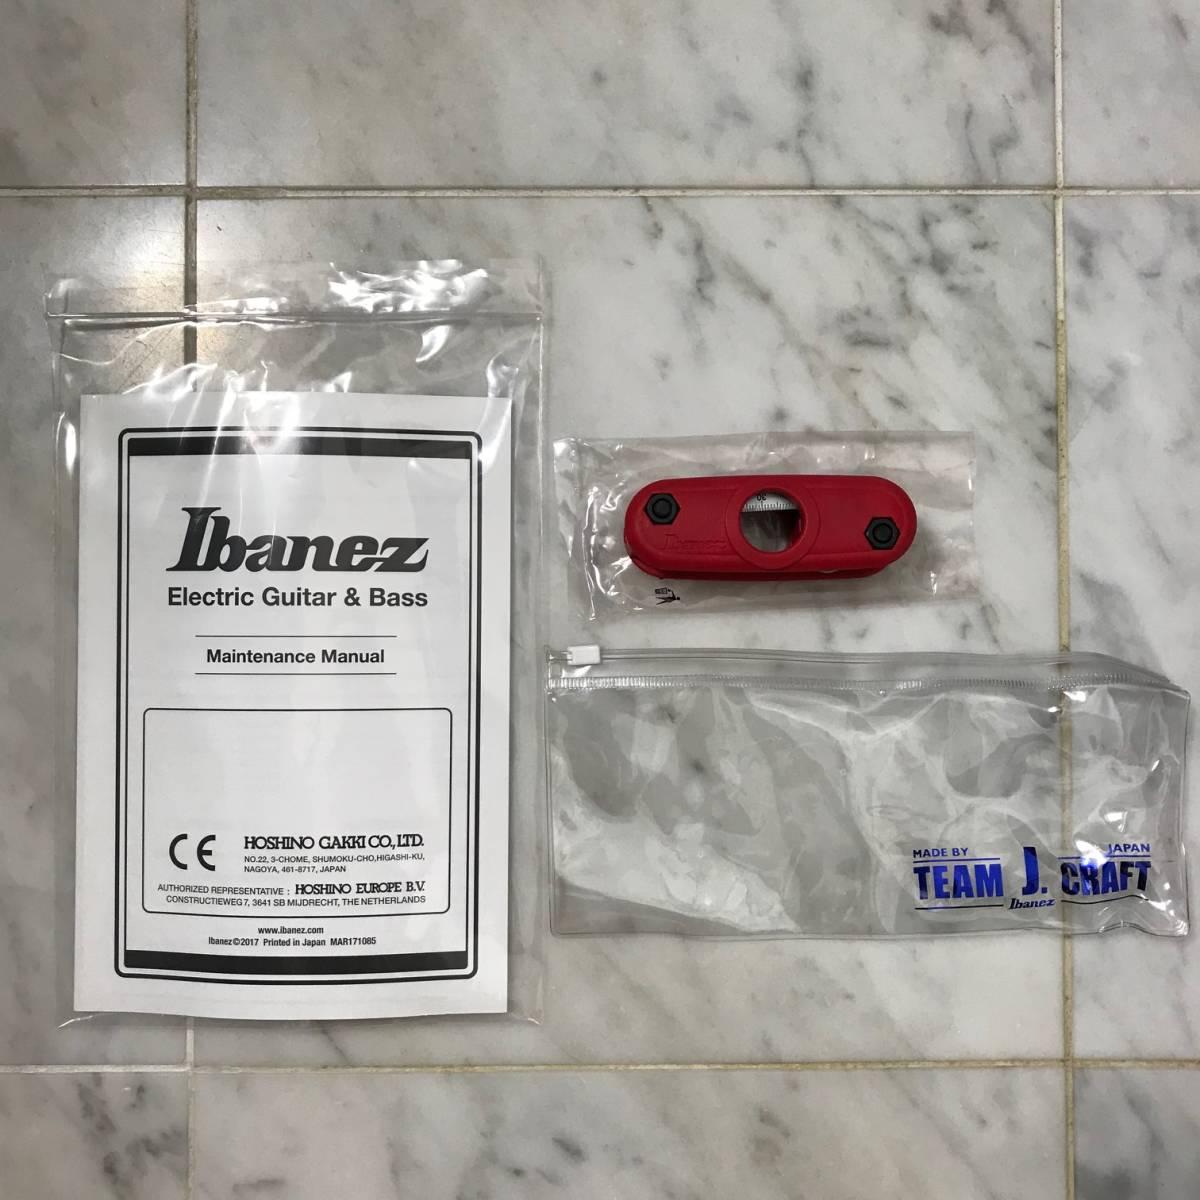 希少 美品 Ibanez J.custom RG7570Z Bright Brown Rutile 付属品 専用ハードケース付 日本製 アイバニーズ エレキギター GOTOHペグ 最高峰_画像10